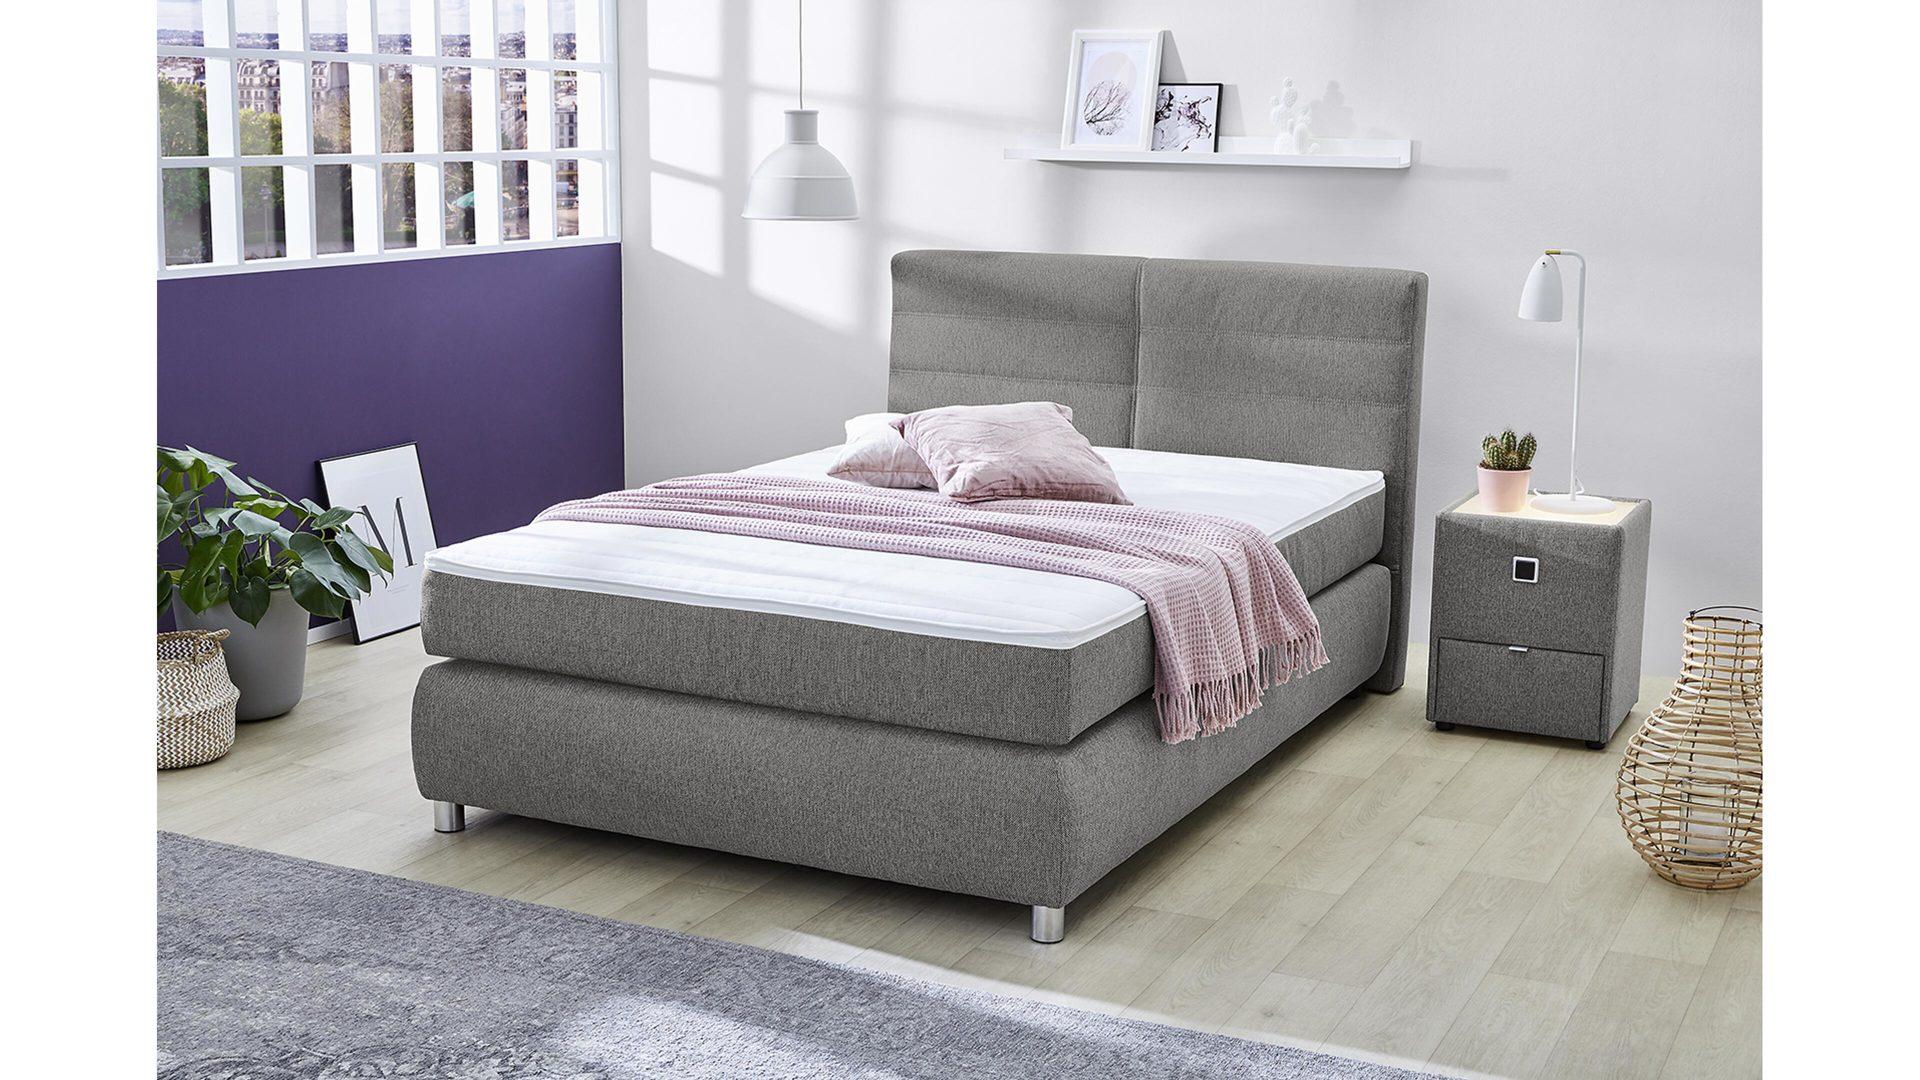 Möbel Bohn Crailsheim, Räume, Schlafzimmer, Boxspringbetten ...